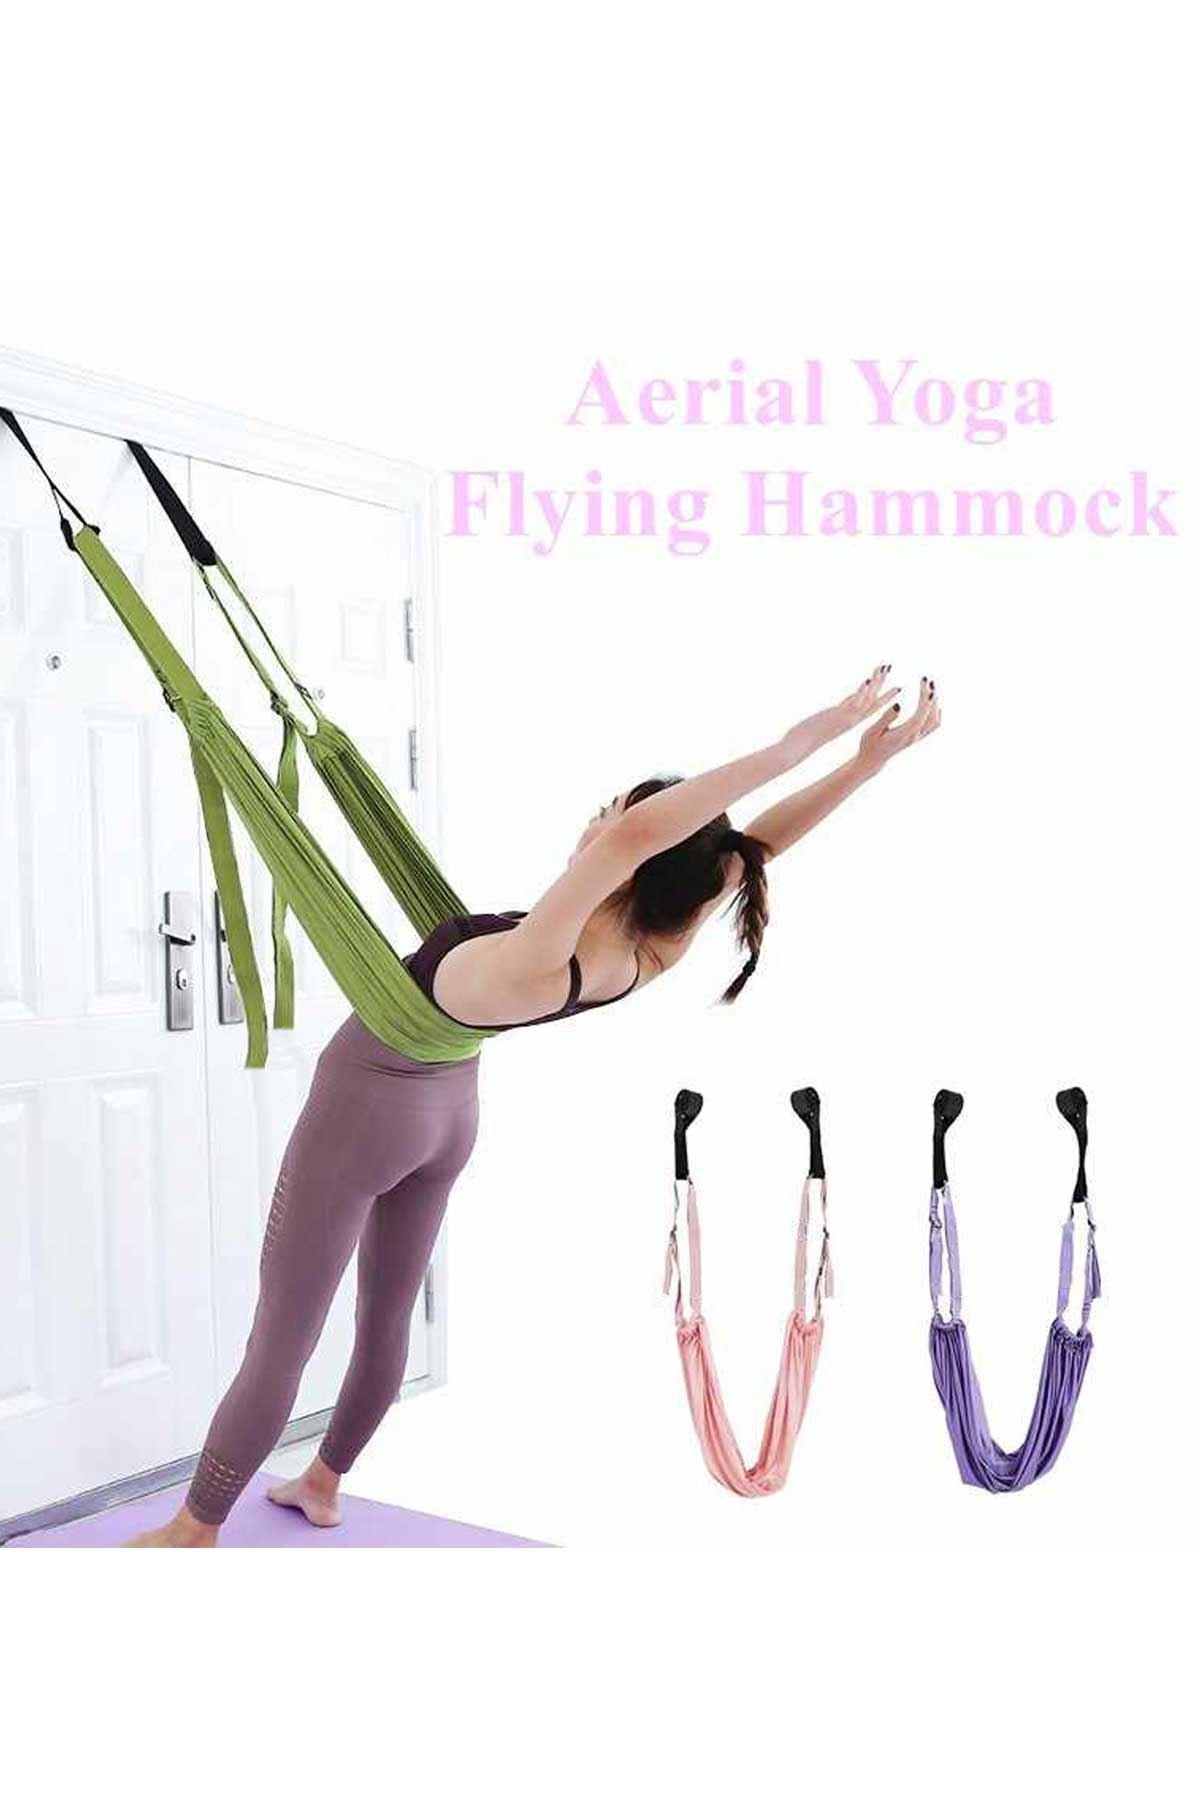 Yeşil Yoga Plus Pilates Fitness Hamağı Askılı Yoga Denge Spor Aleti